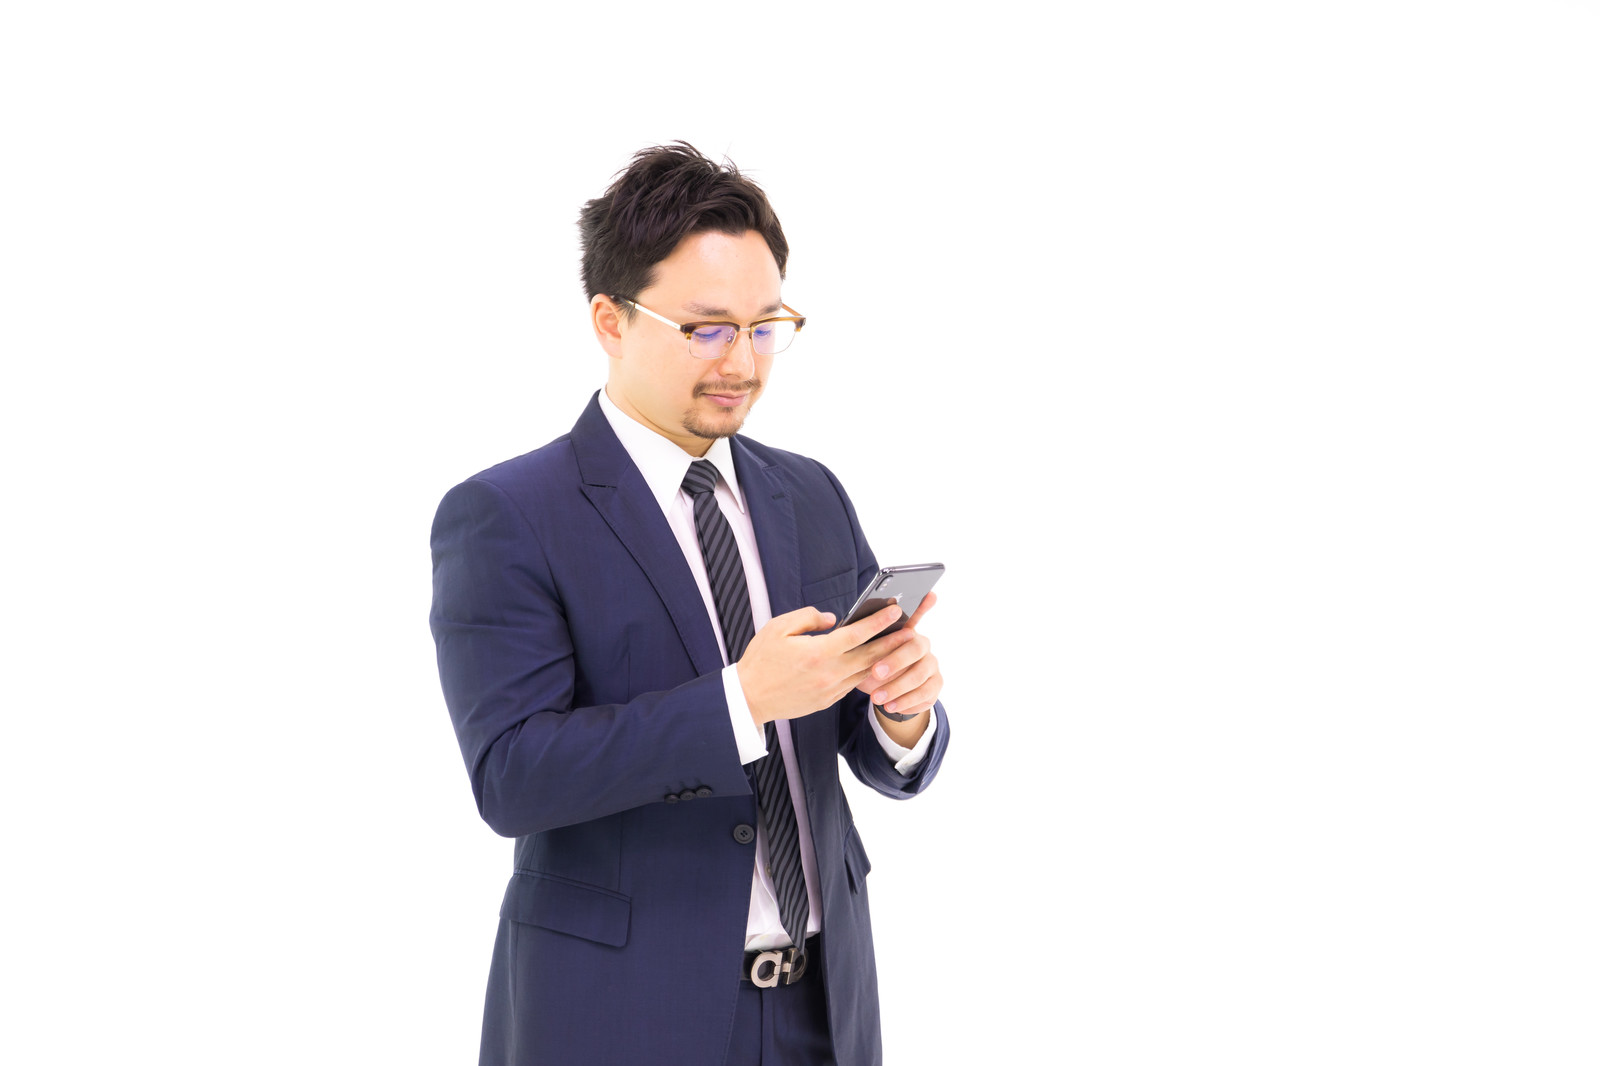 「グループ投稿に既読がつかない会社員」の写真[モデル:Max_Ezaki]